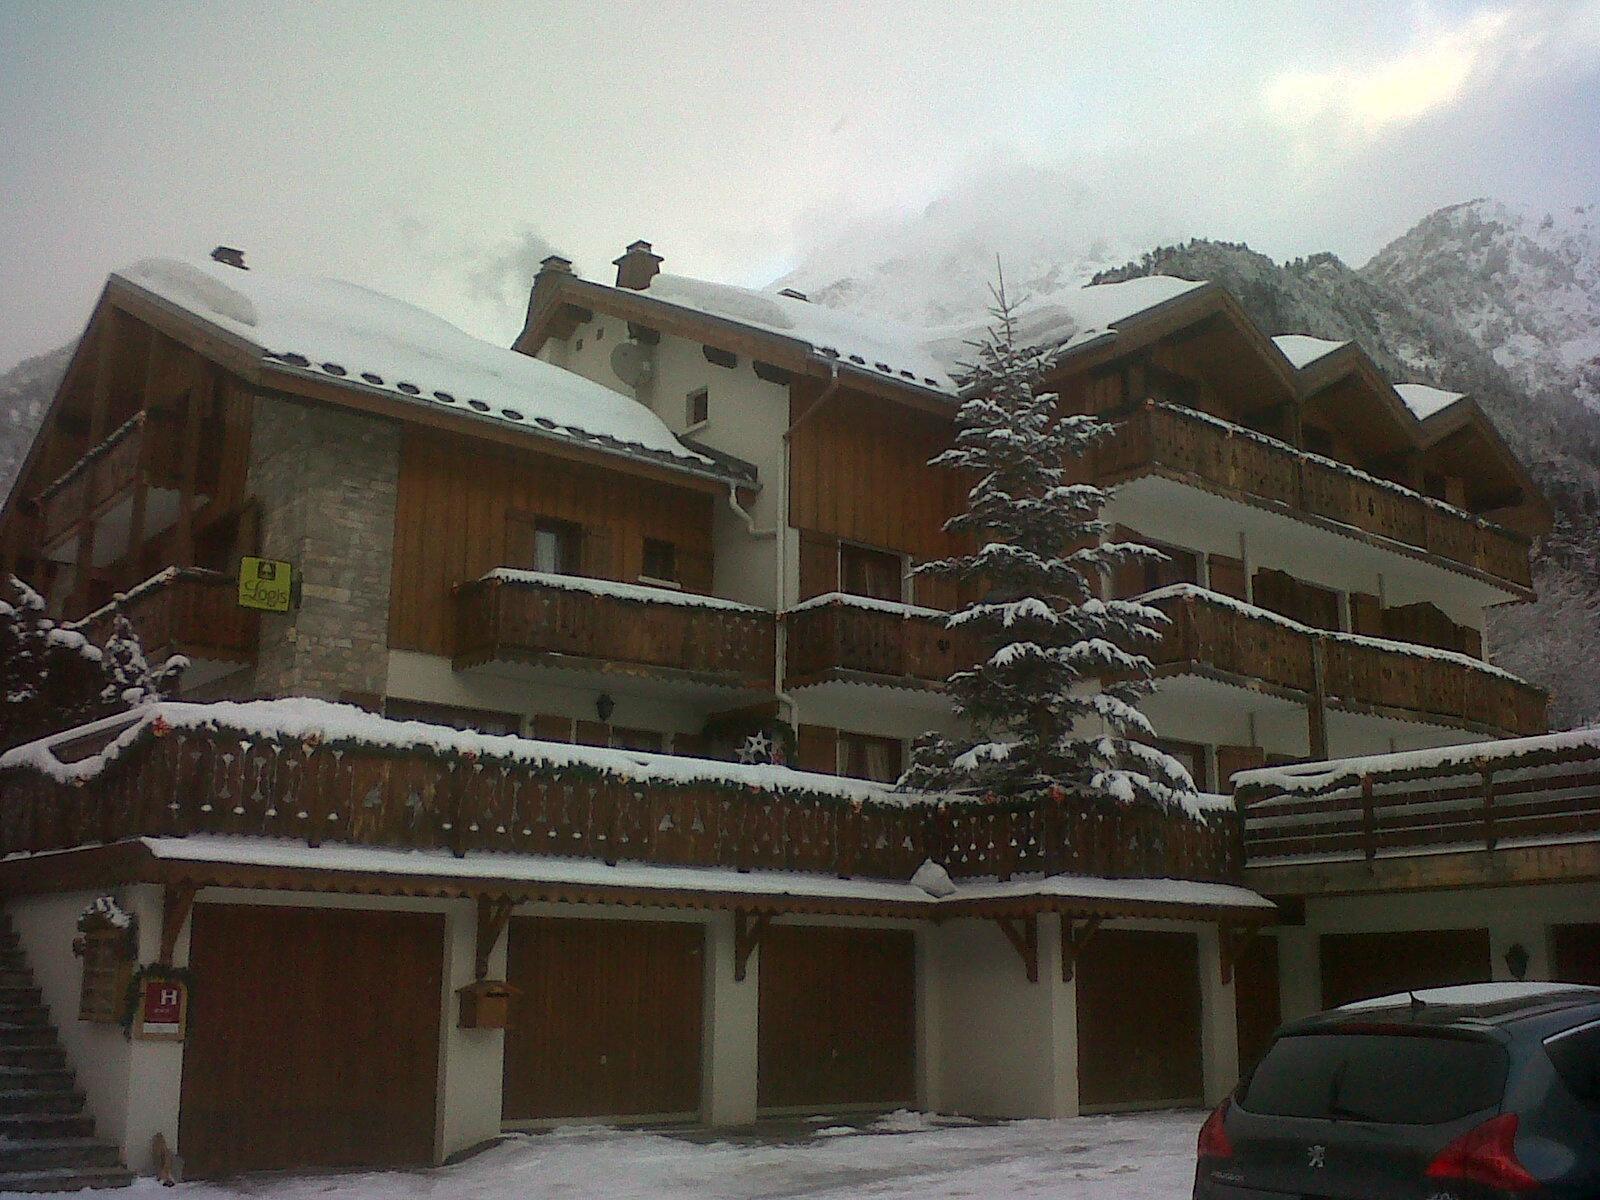 Chalet-Hotel Les Airelles